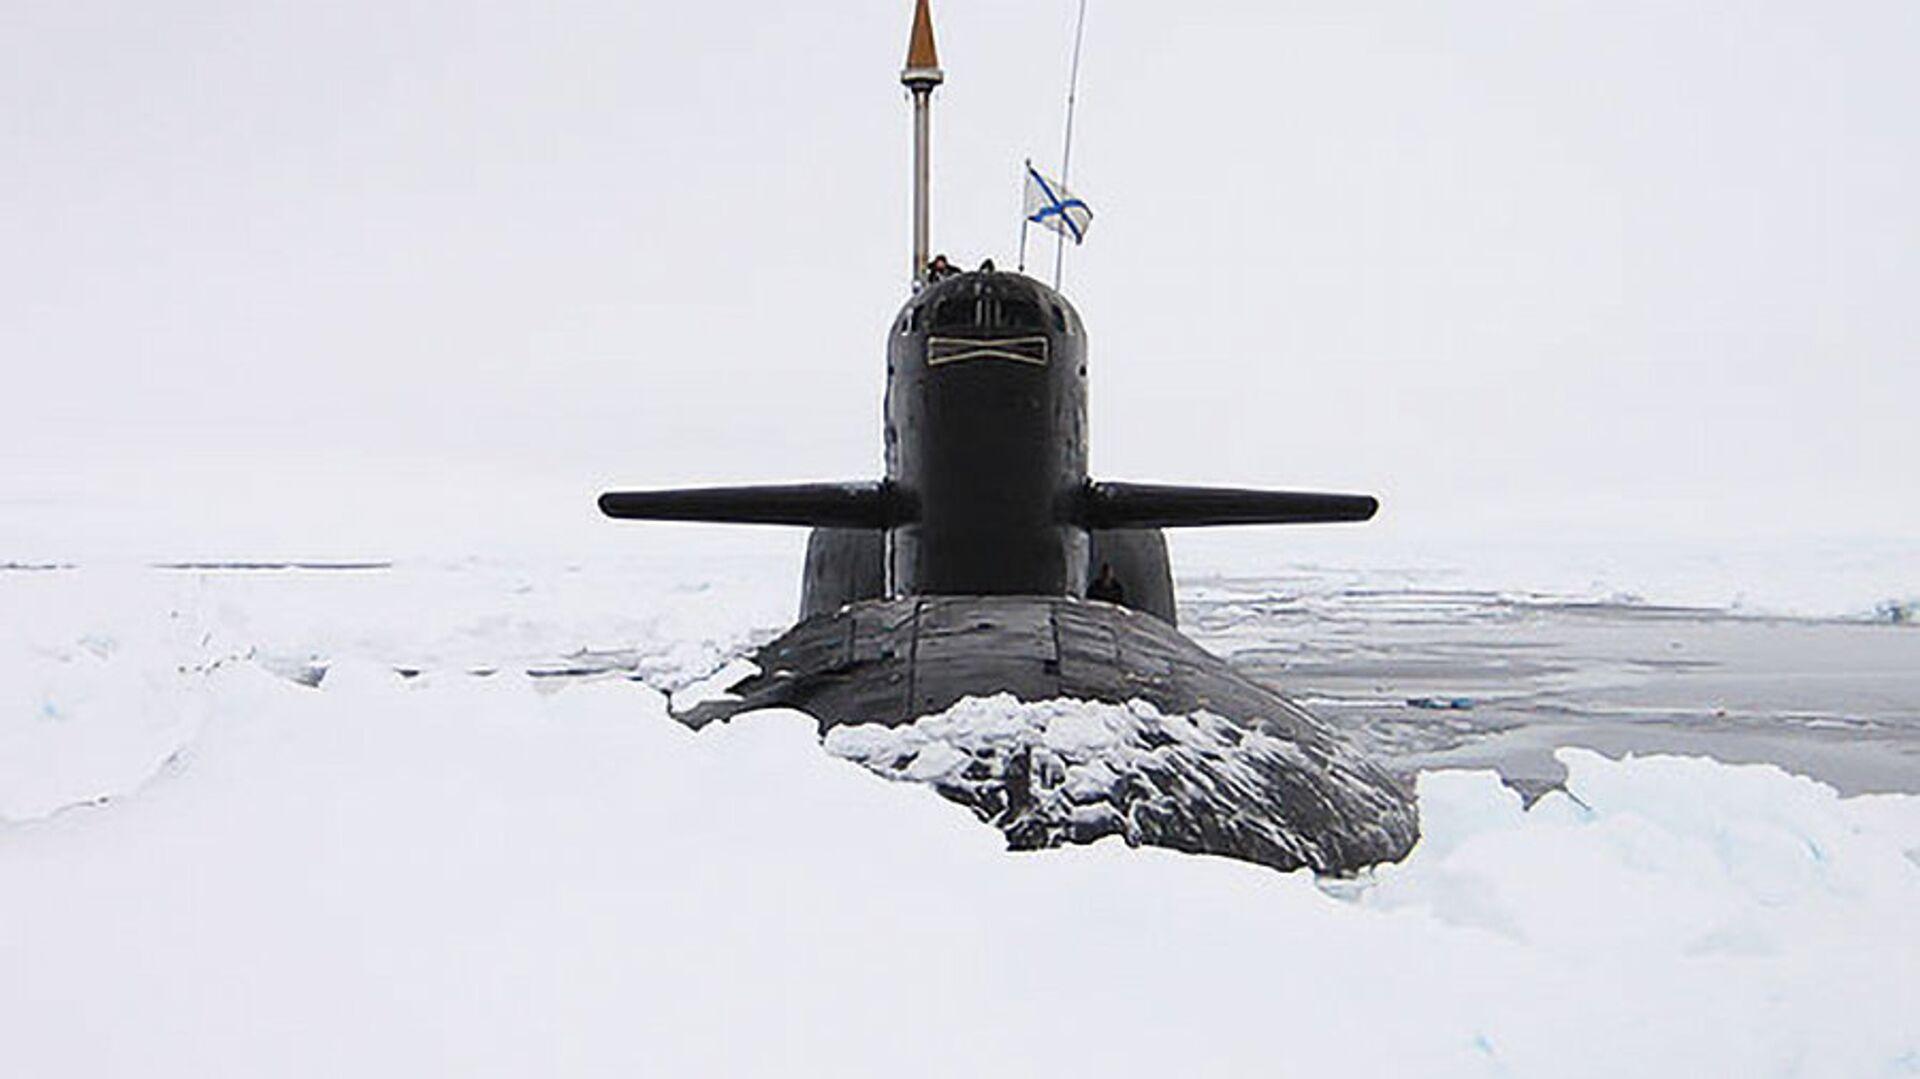 Атомная подводная лодка - РИА Новости, 1920, 13.01.2021